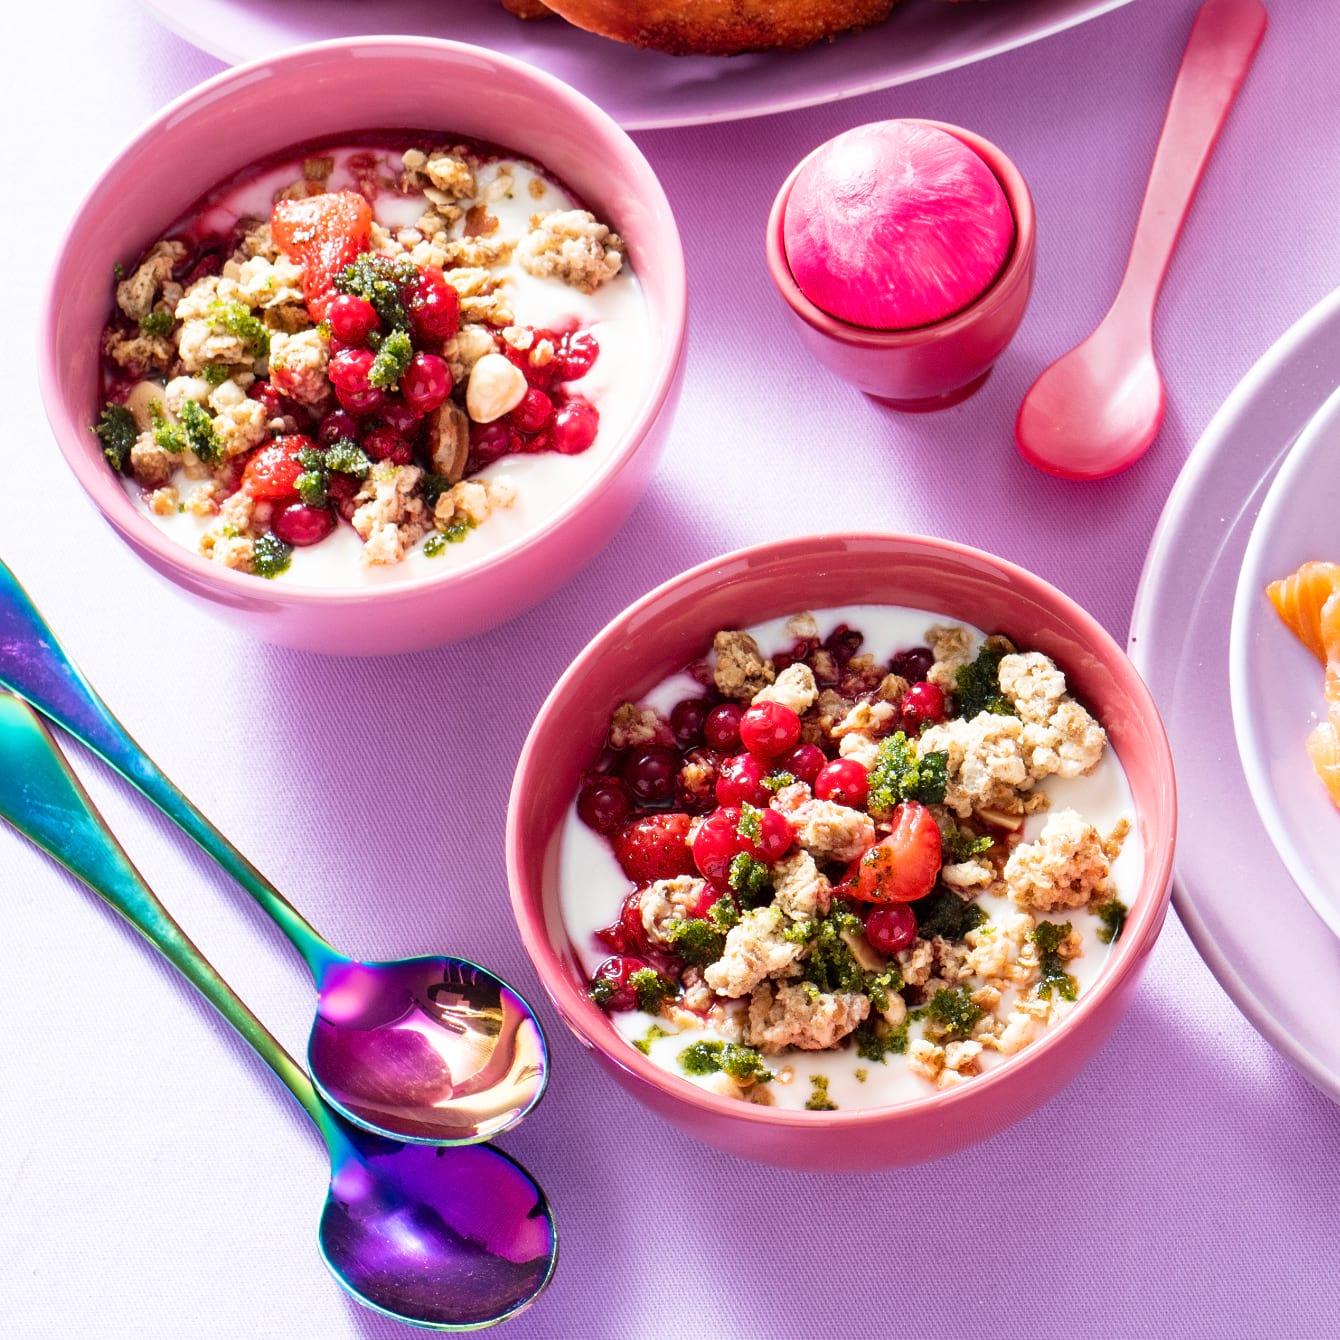 Ontbijtbowl: Yoghurt met blauwe bessen en muntsuiker